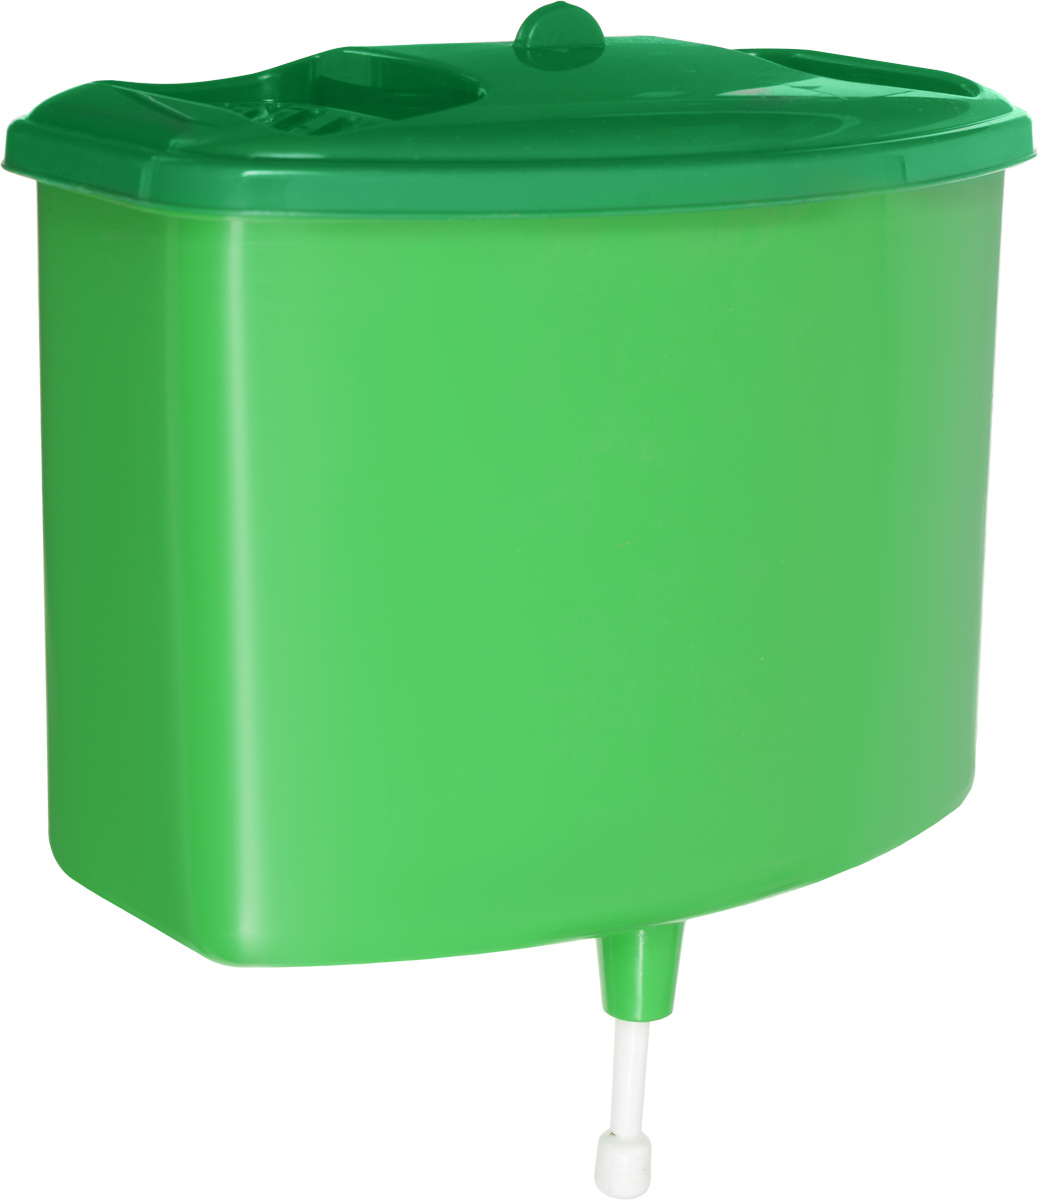 Рукомойник Альтернатива, цвет: зеленый, 5 лM367Рукомойник Альтернатива изготовлен из пластика. Он предназначен для умывания в саду или на даче. Яркий и красочный, он отлично впишется в окружающую обстановку. Петли предоставляют вертикальное крепление рукомойника. Рукомойник оснащен крышкой, которая предотвращает попадание мусора. Также на крышке имеет две выемки для мыла. Рукомойник Альтернатива надежный и удобный в использовании.Размер рукомойника: 26,5 см х 15 см.Высота (без учета крышки): 23 см.